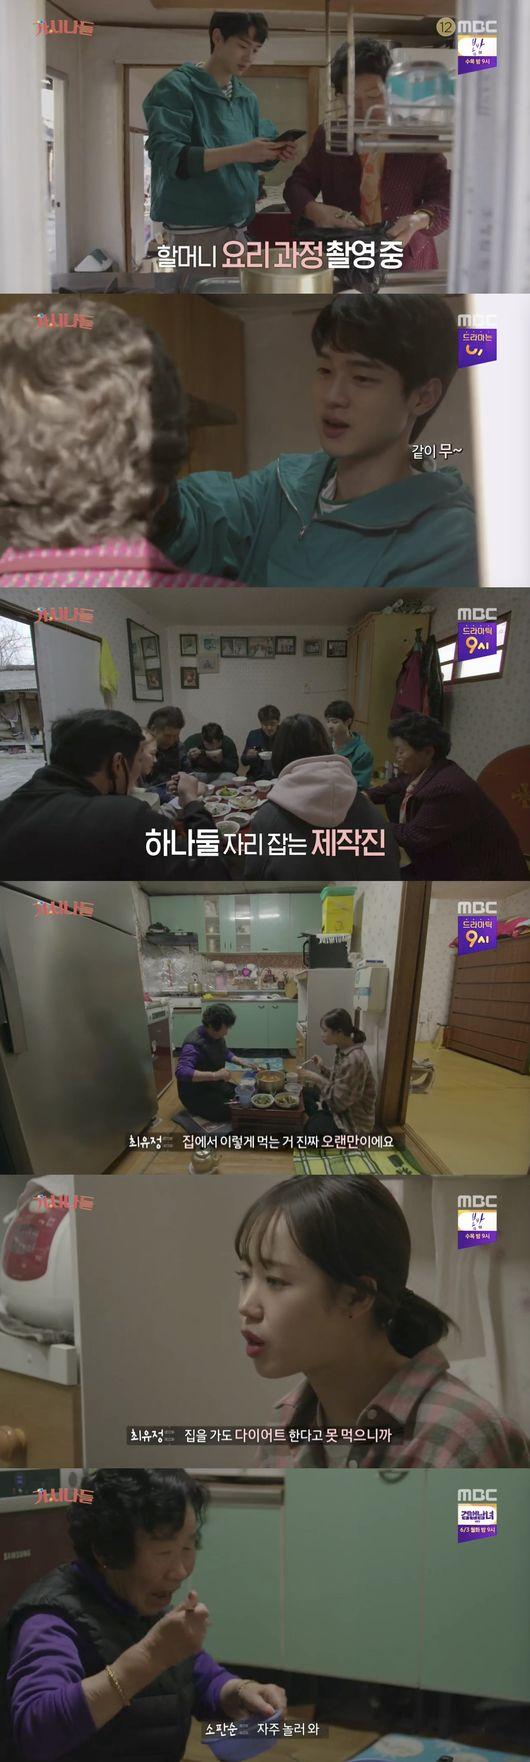 가시나들 장동윤X최유정 사로잡은 할머니 표 집밥 [Oh!쎈 리뷰]